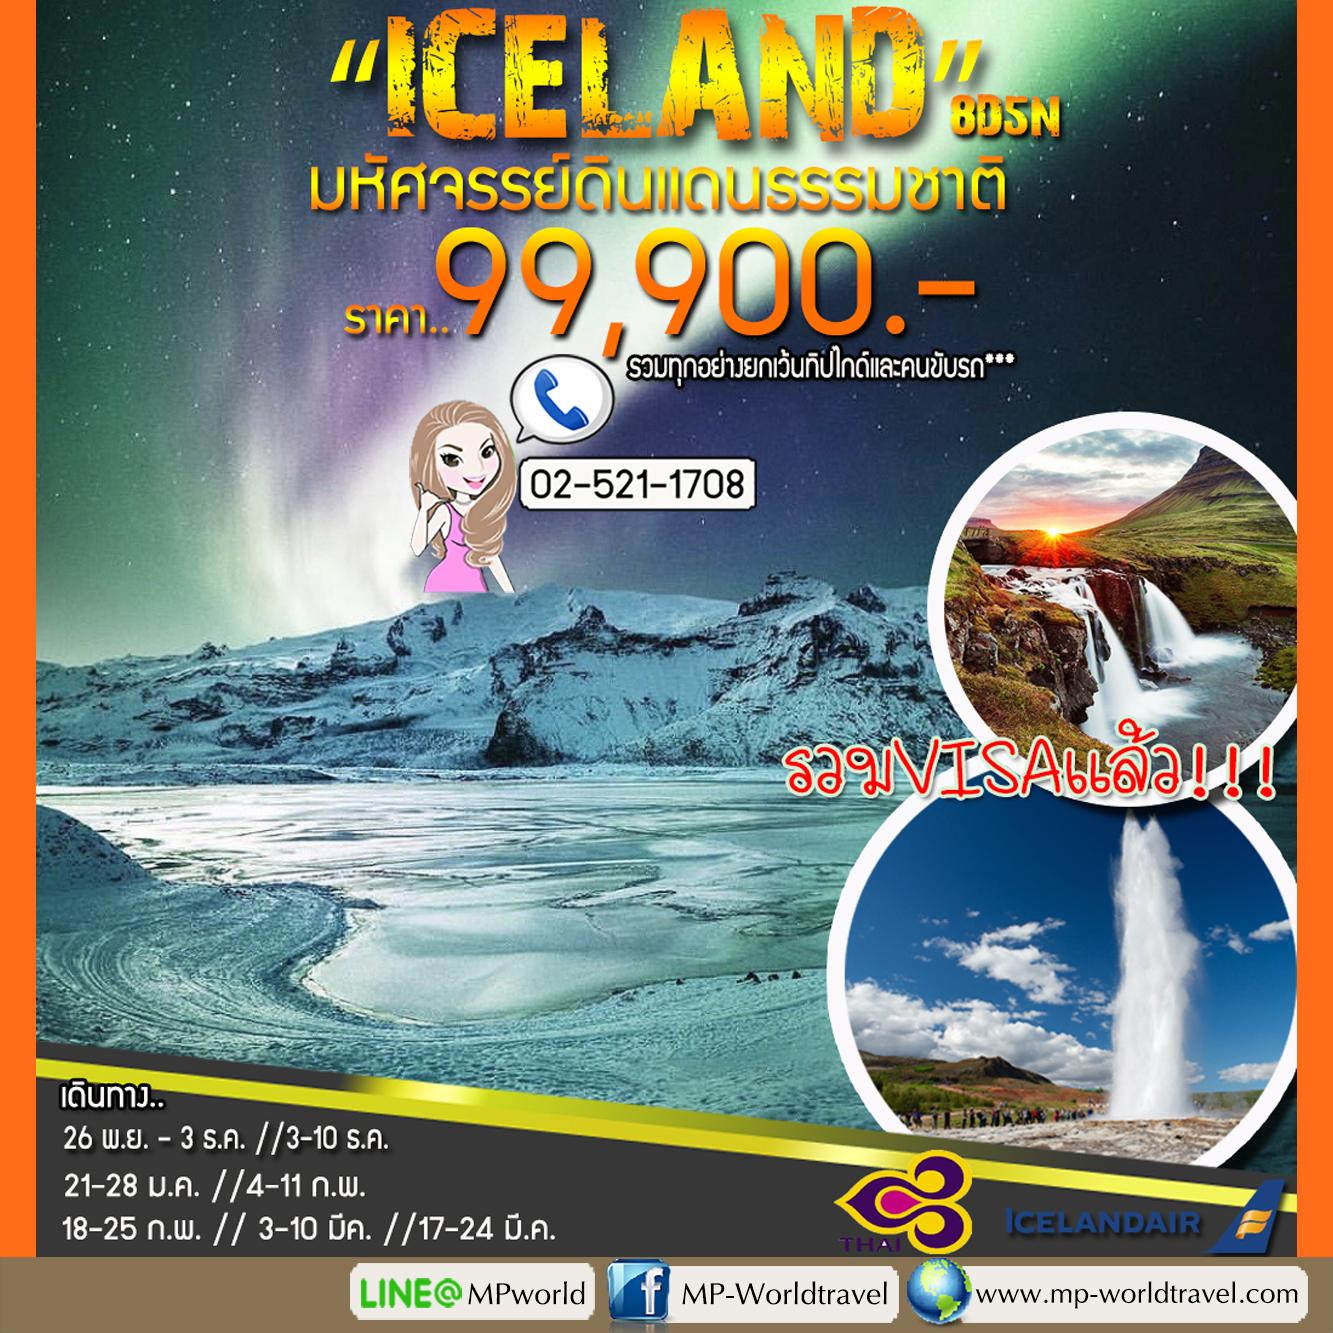 ทัวร์ยุโรป ไอซ์แลนด์ มหัศจรรย์ดินแดนธรรมชาติ 8 วัน 5คืน